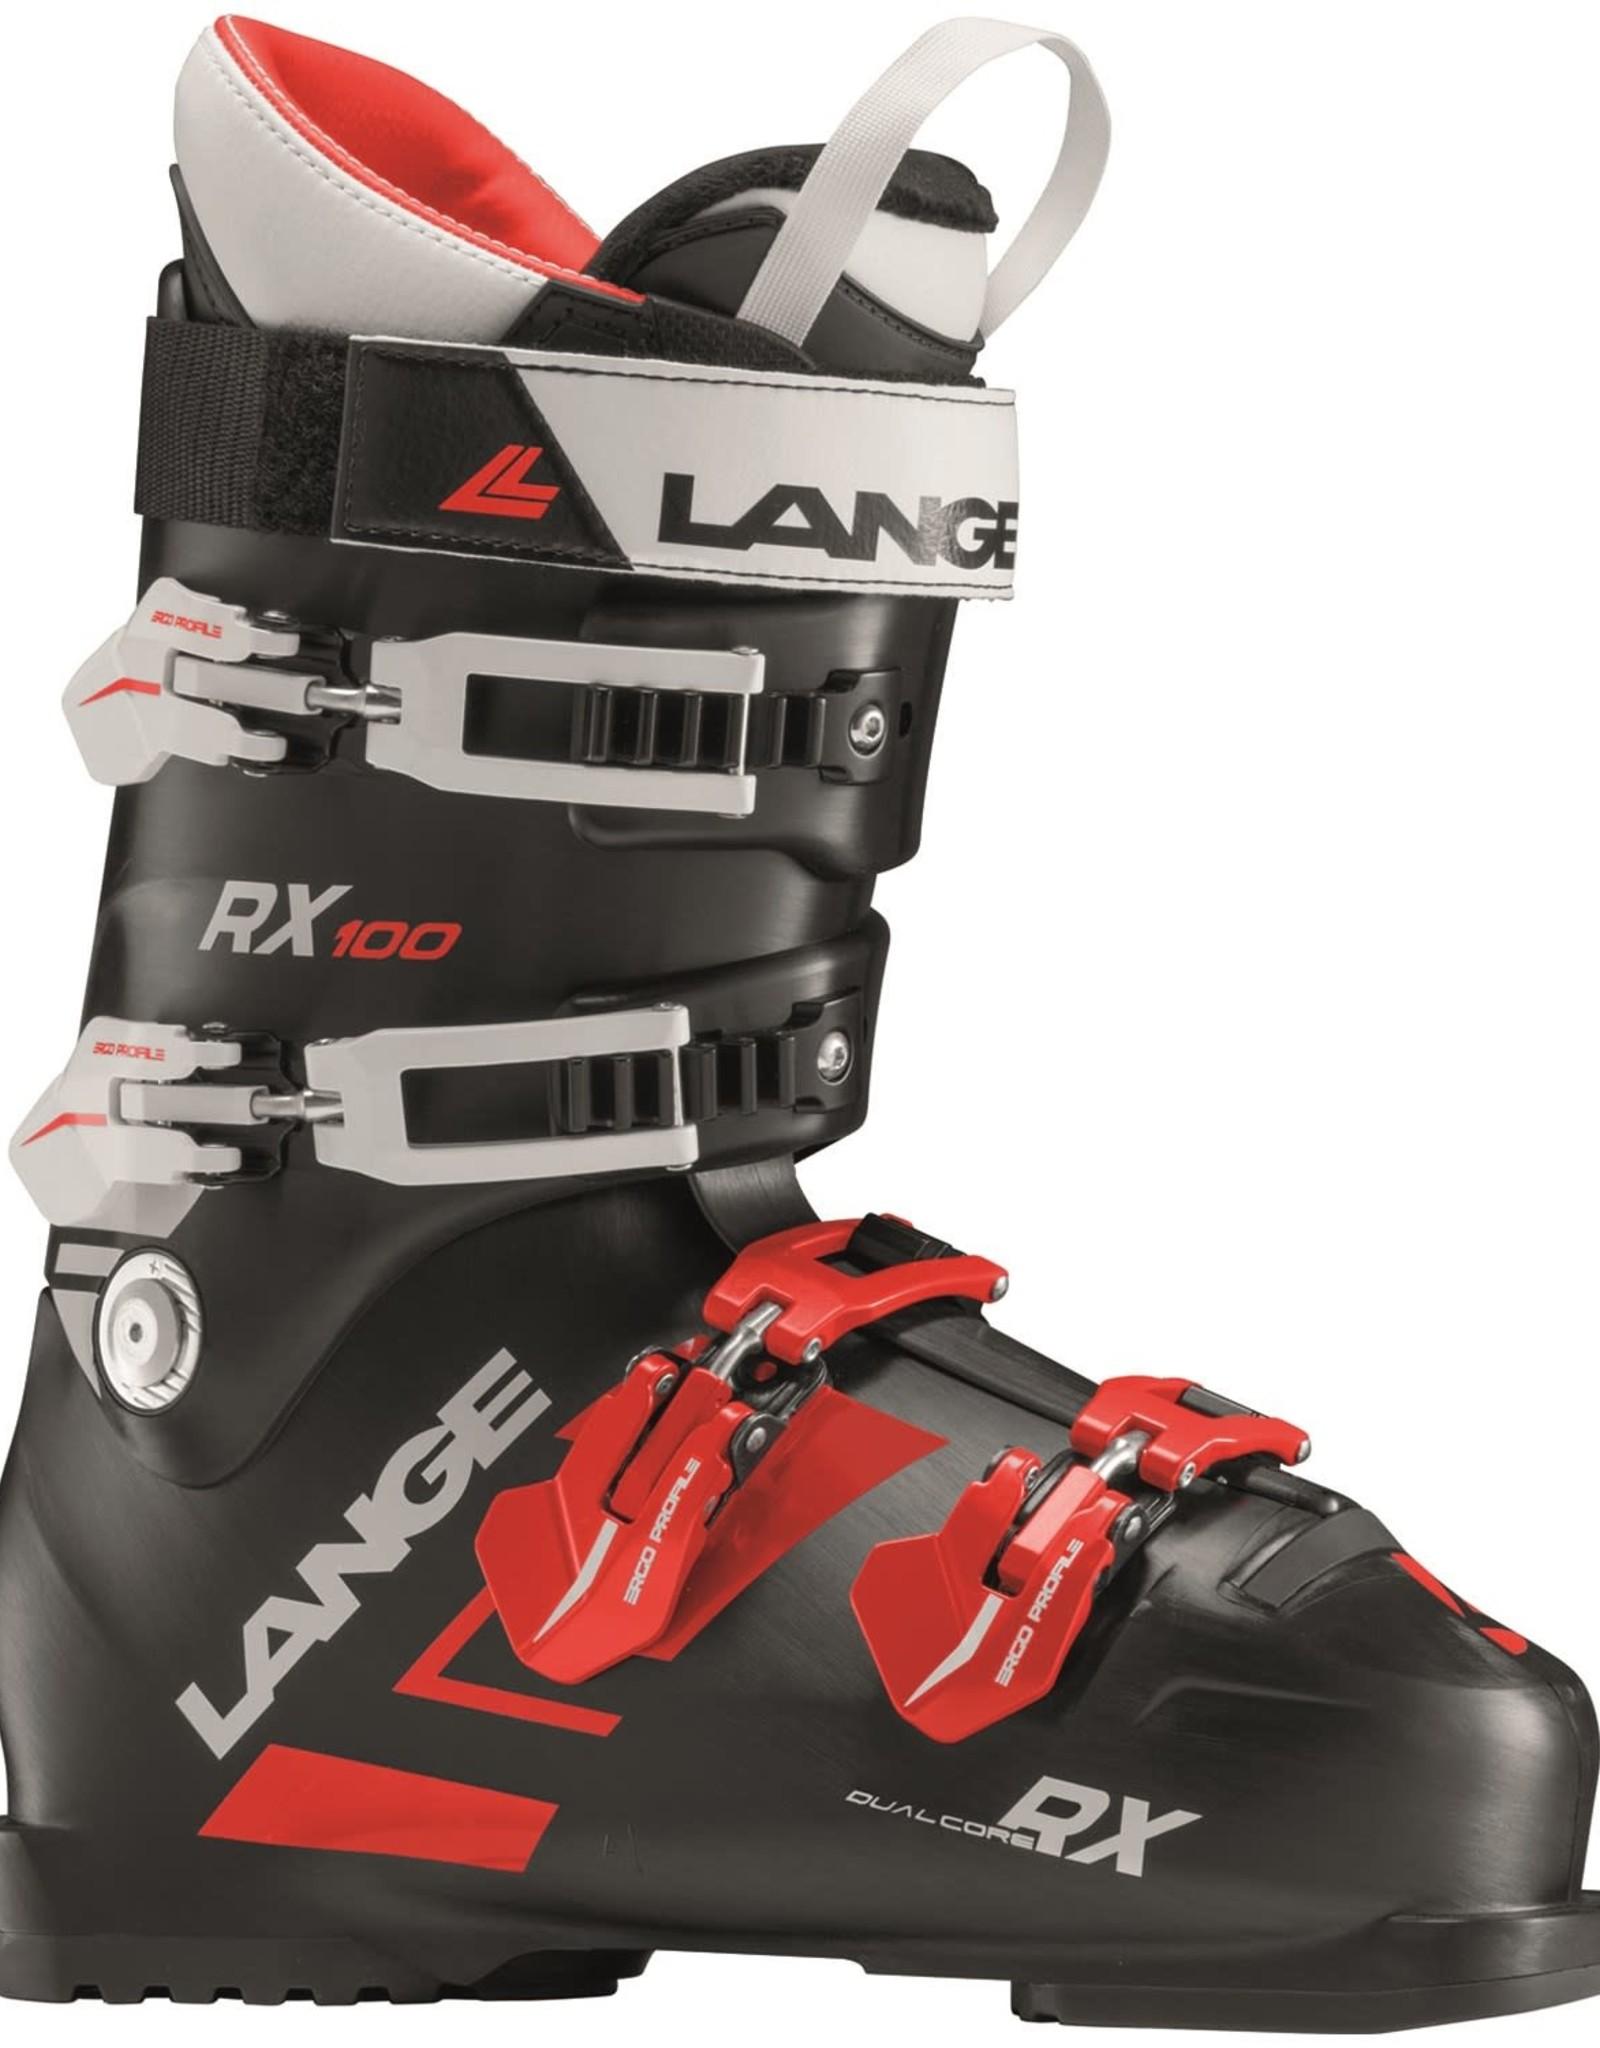 Lange LANGE Ski Boots RX 100 (18/19)